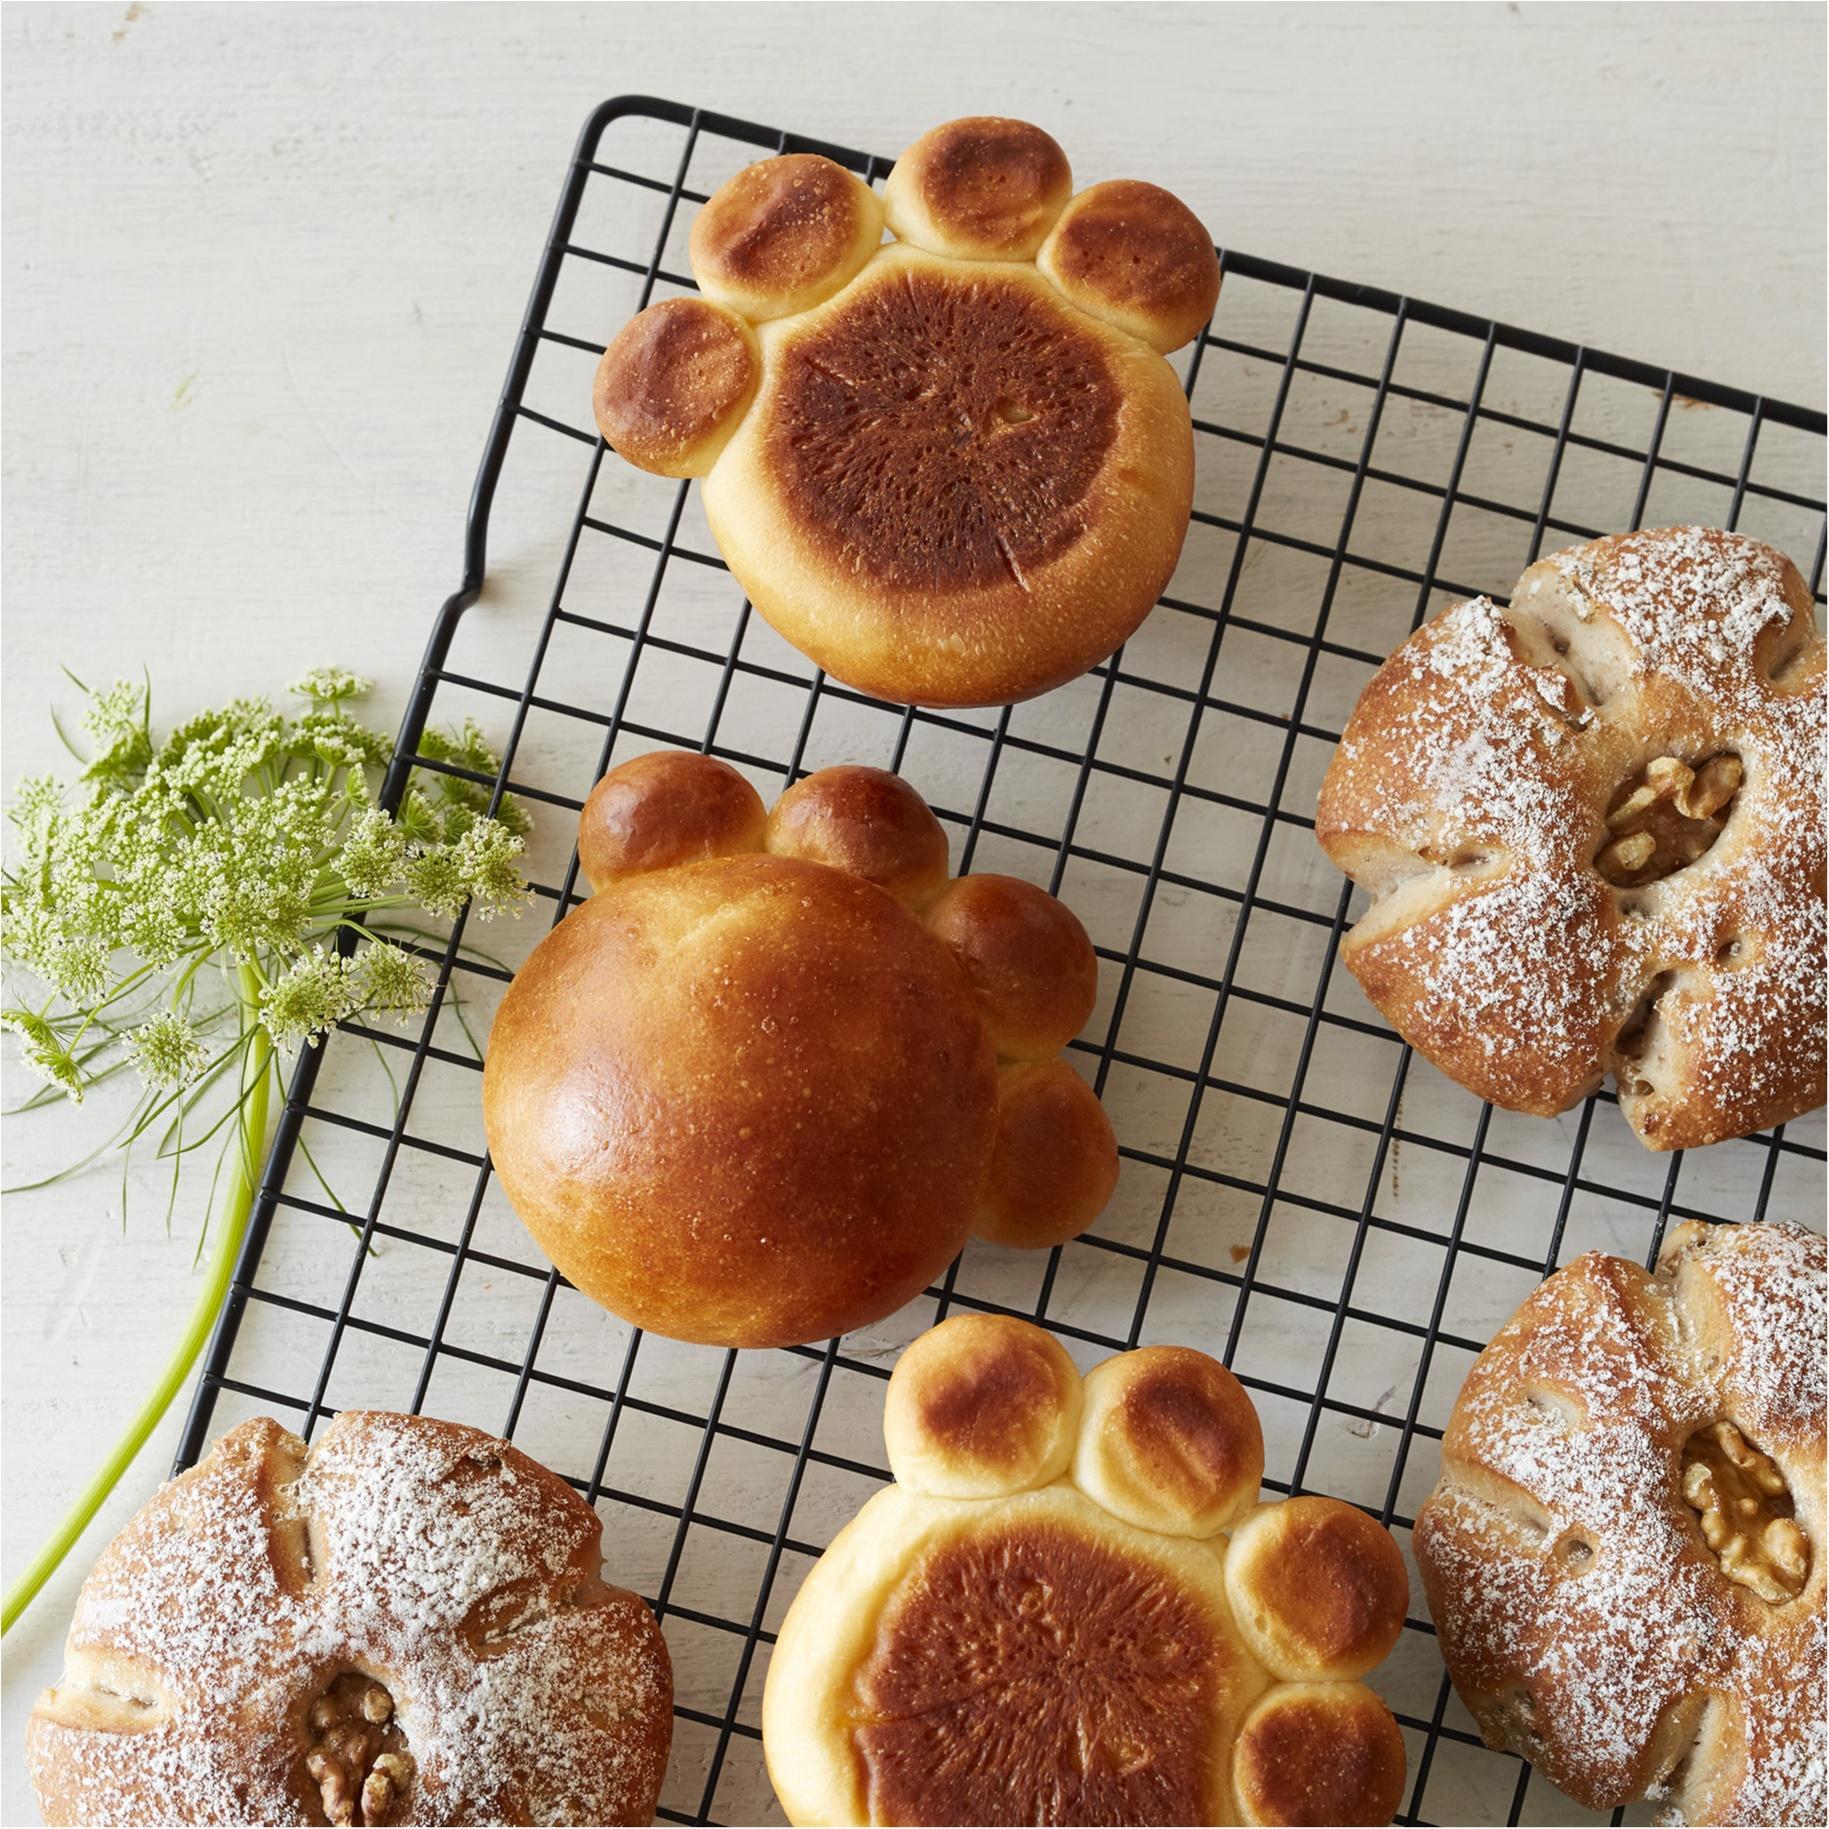 【2月22日はネコの日】テーマは「ネコのお花屋さん」♡ 『アフタヌーンティー』にネコのお菓子やパンがいっぱいです!_1_3